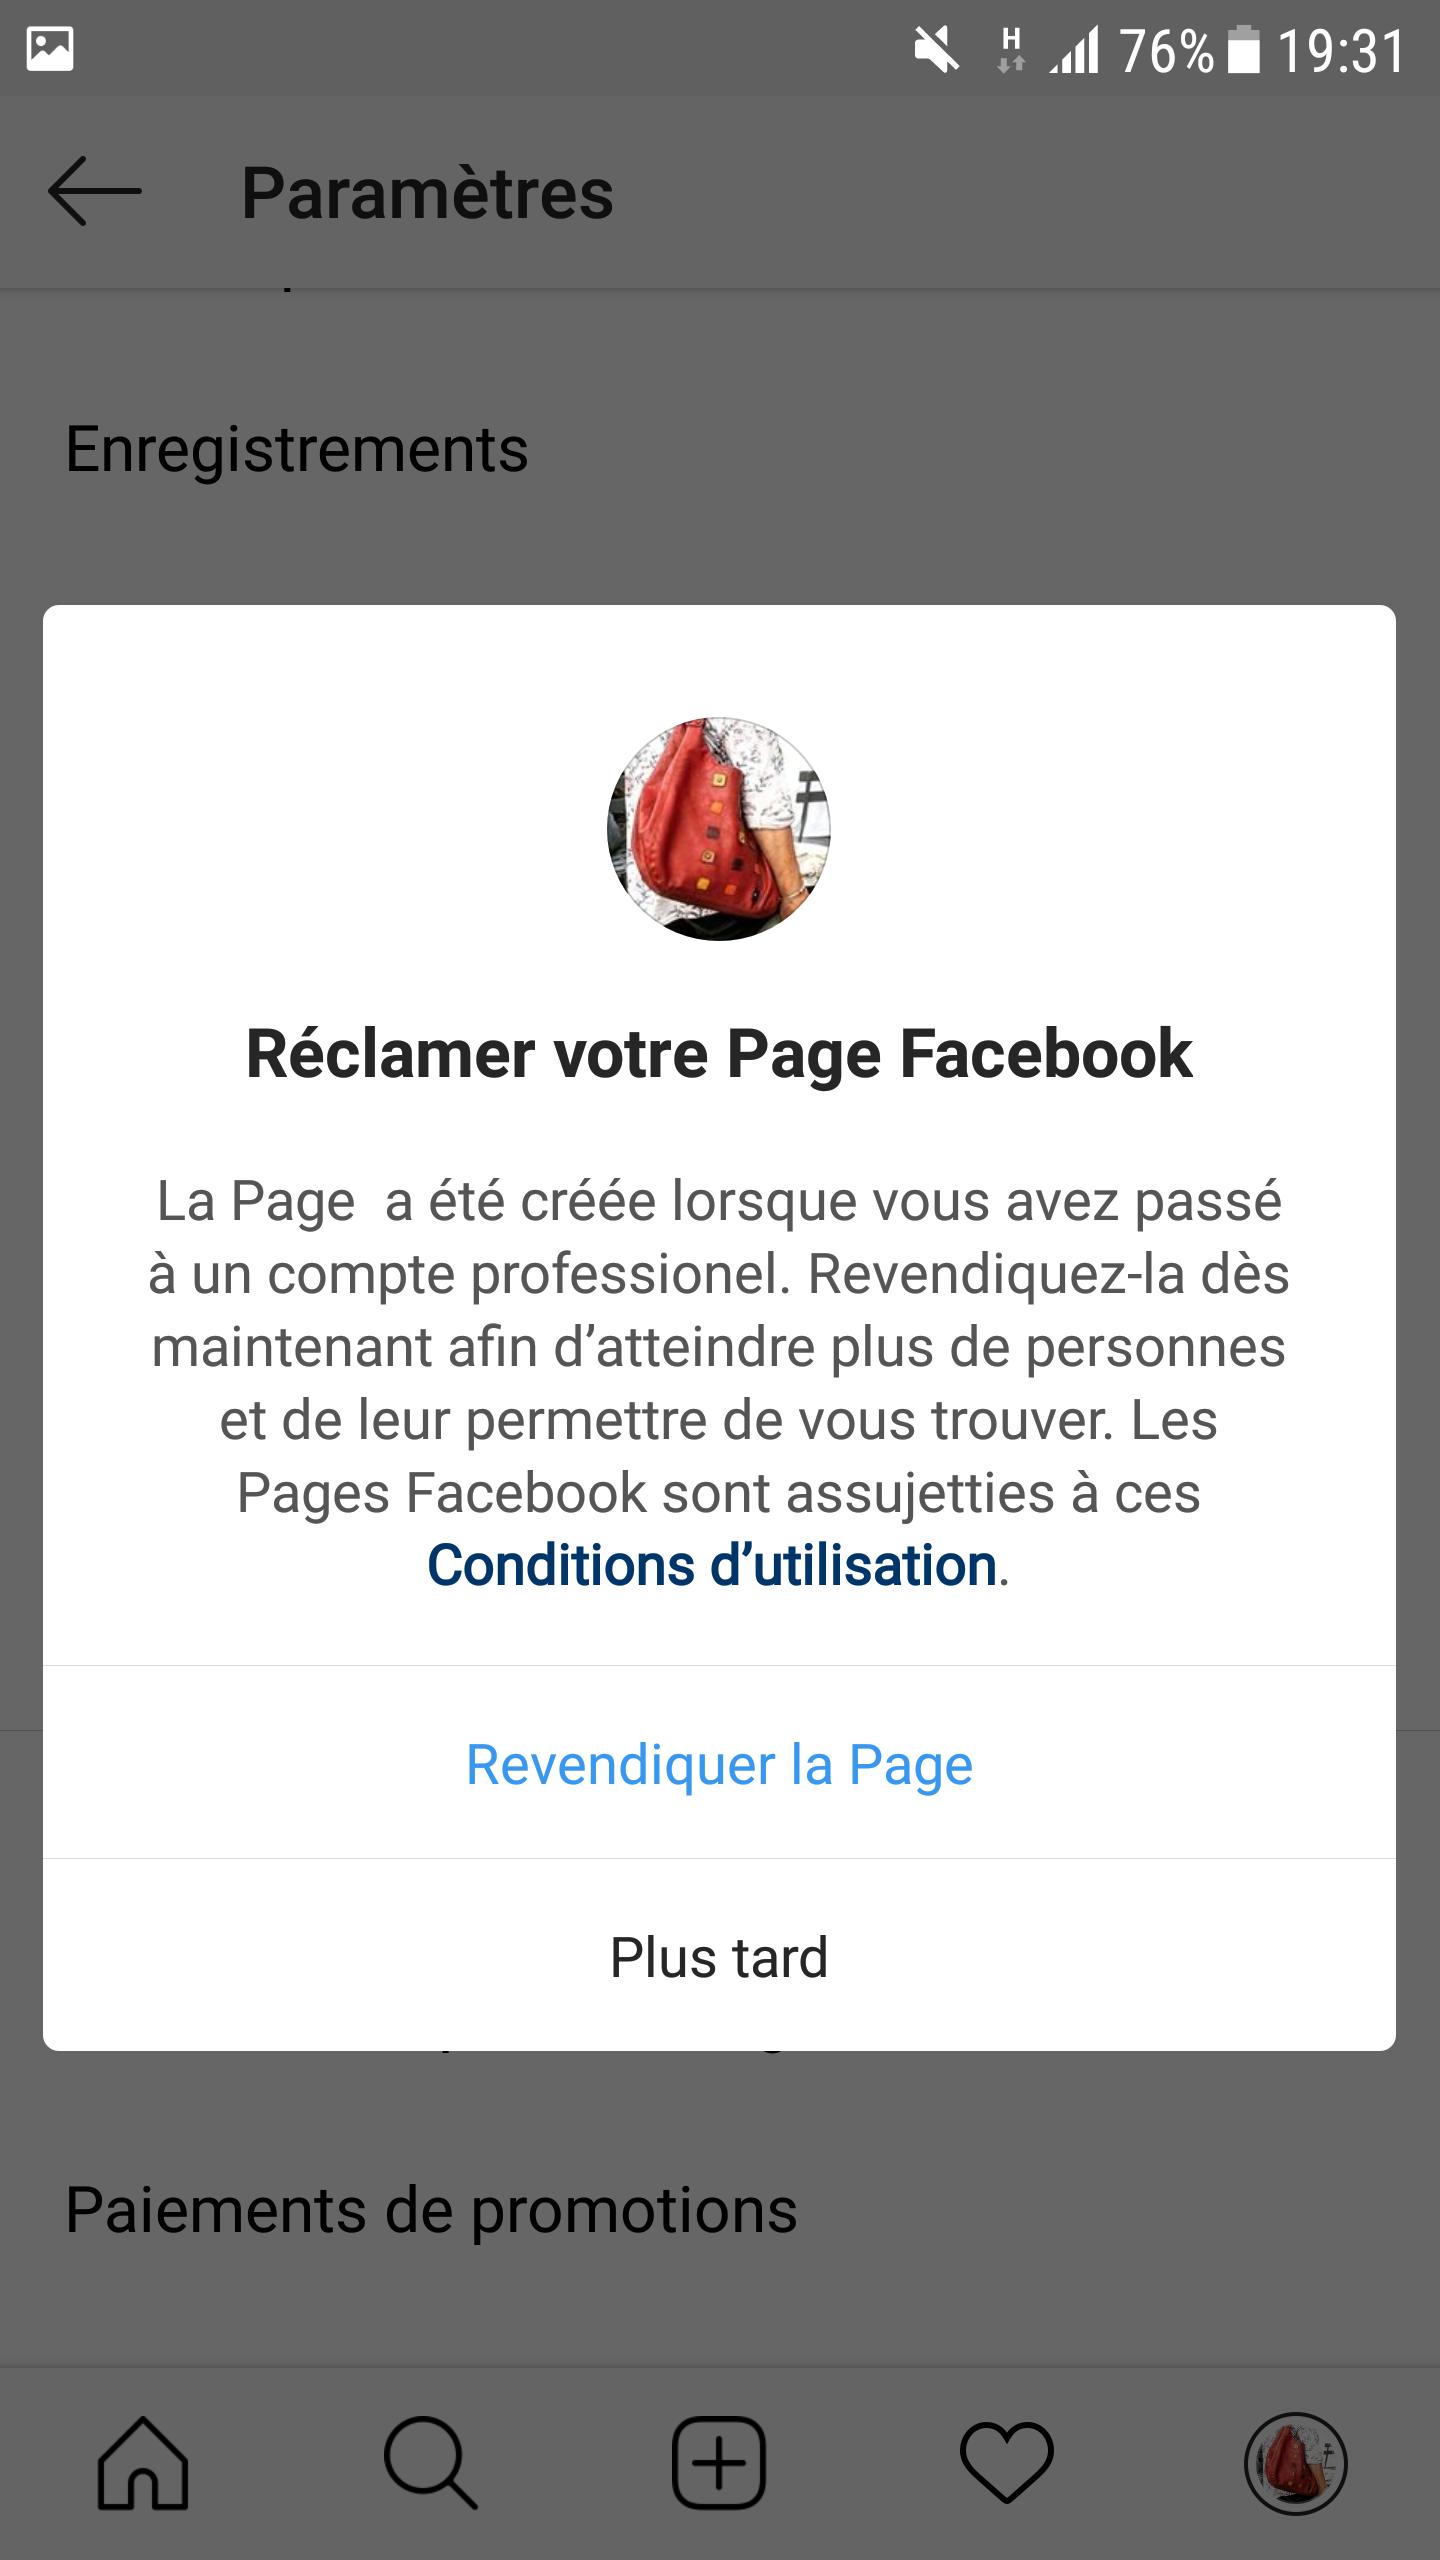 revendiquer page facebook1